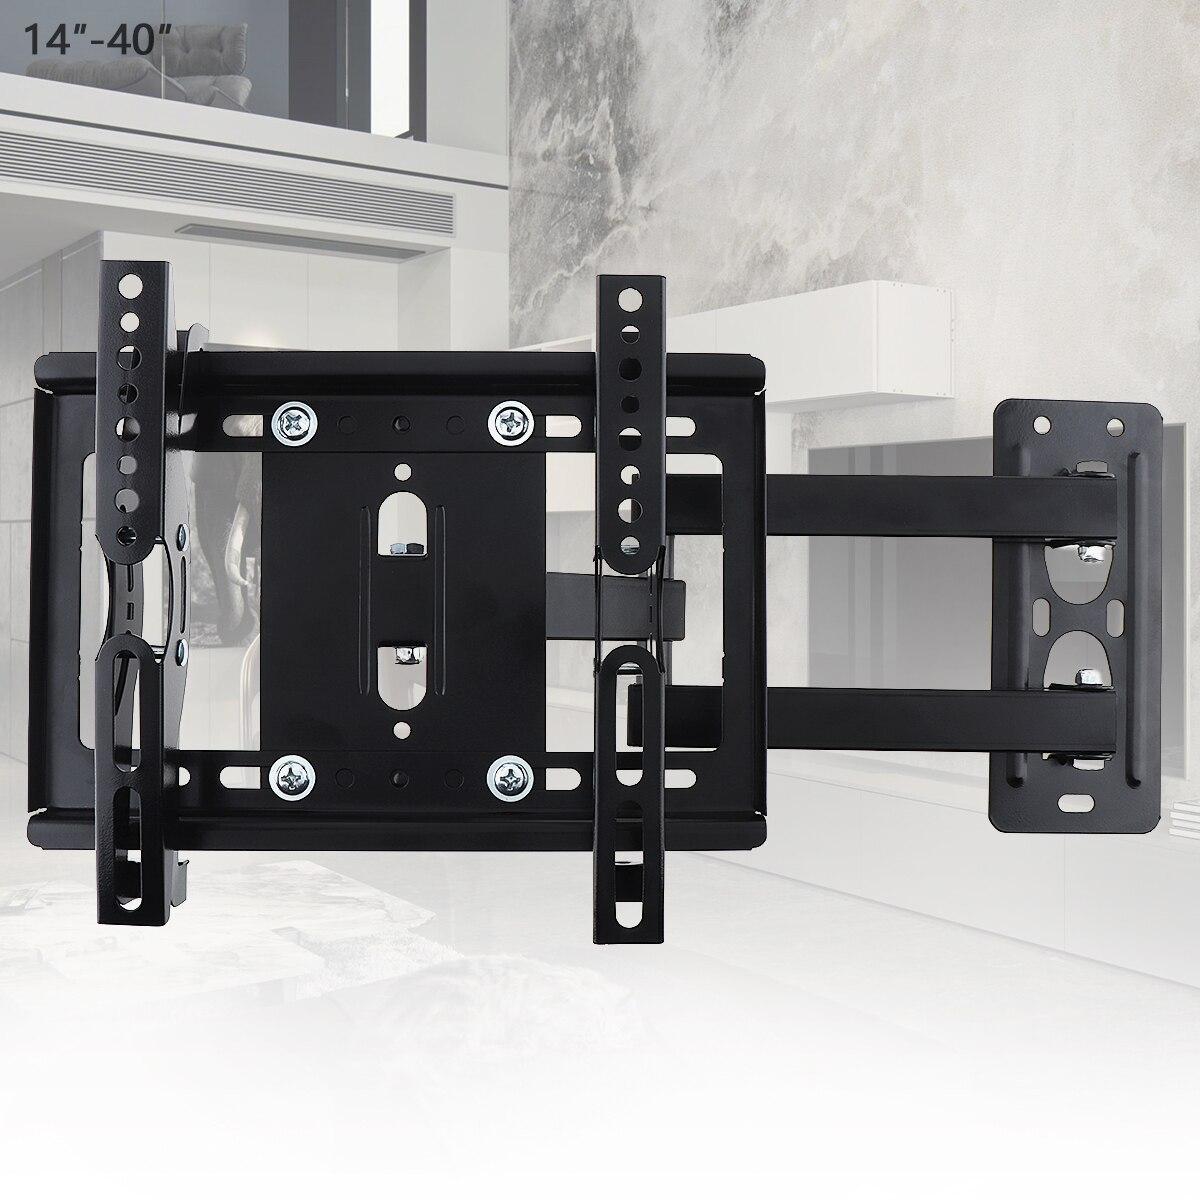 25 KG Support de montage mural TV réglable Support de cadre TV à écran plat inclinaison à 15 ° avec gradient pour moniteur LED LCD 14-40 pouces